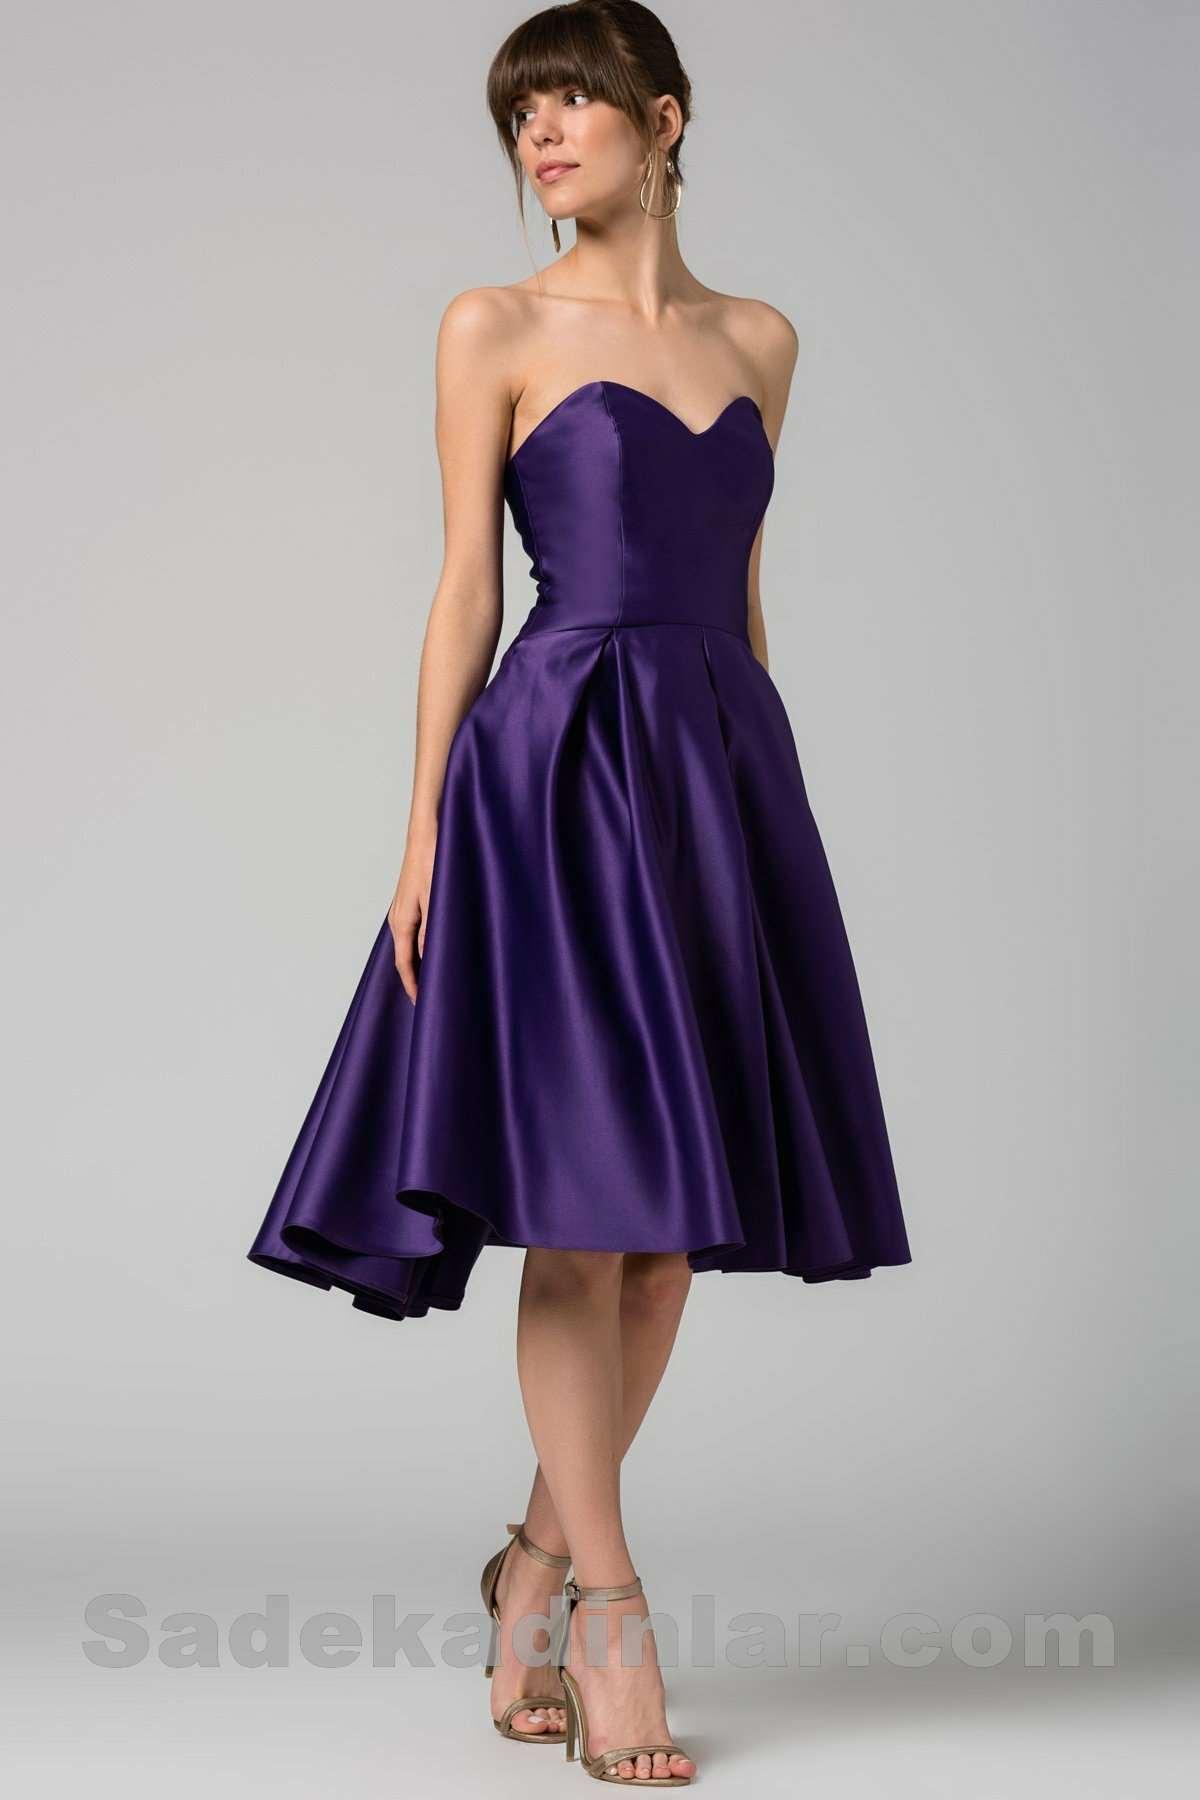 2007dc0f4b318 Saten Mor Renkli Mezuniyet Elbisesi | SadeKadınlar, Kıyafet Kombinleri